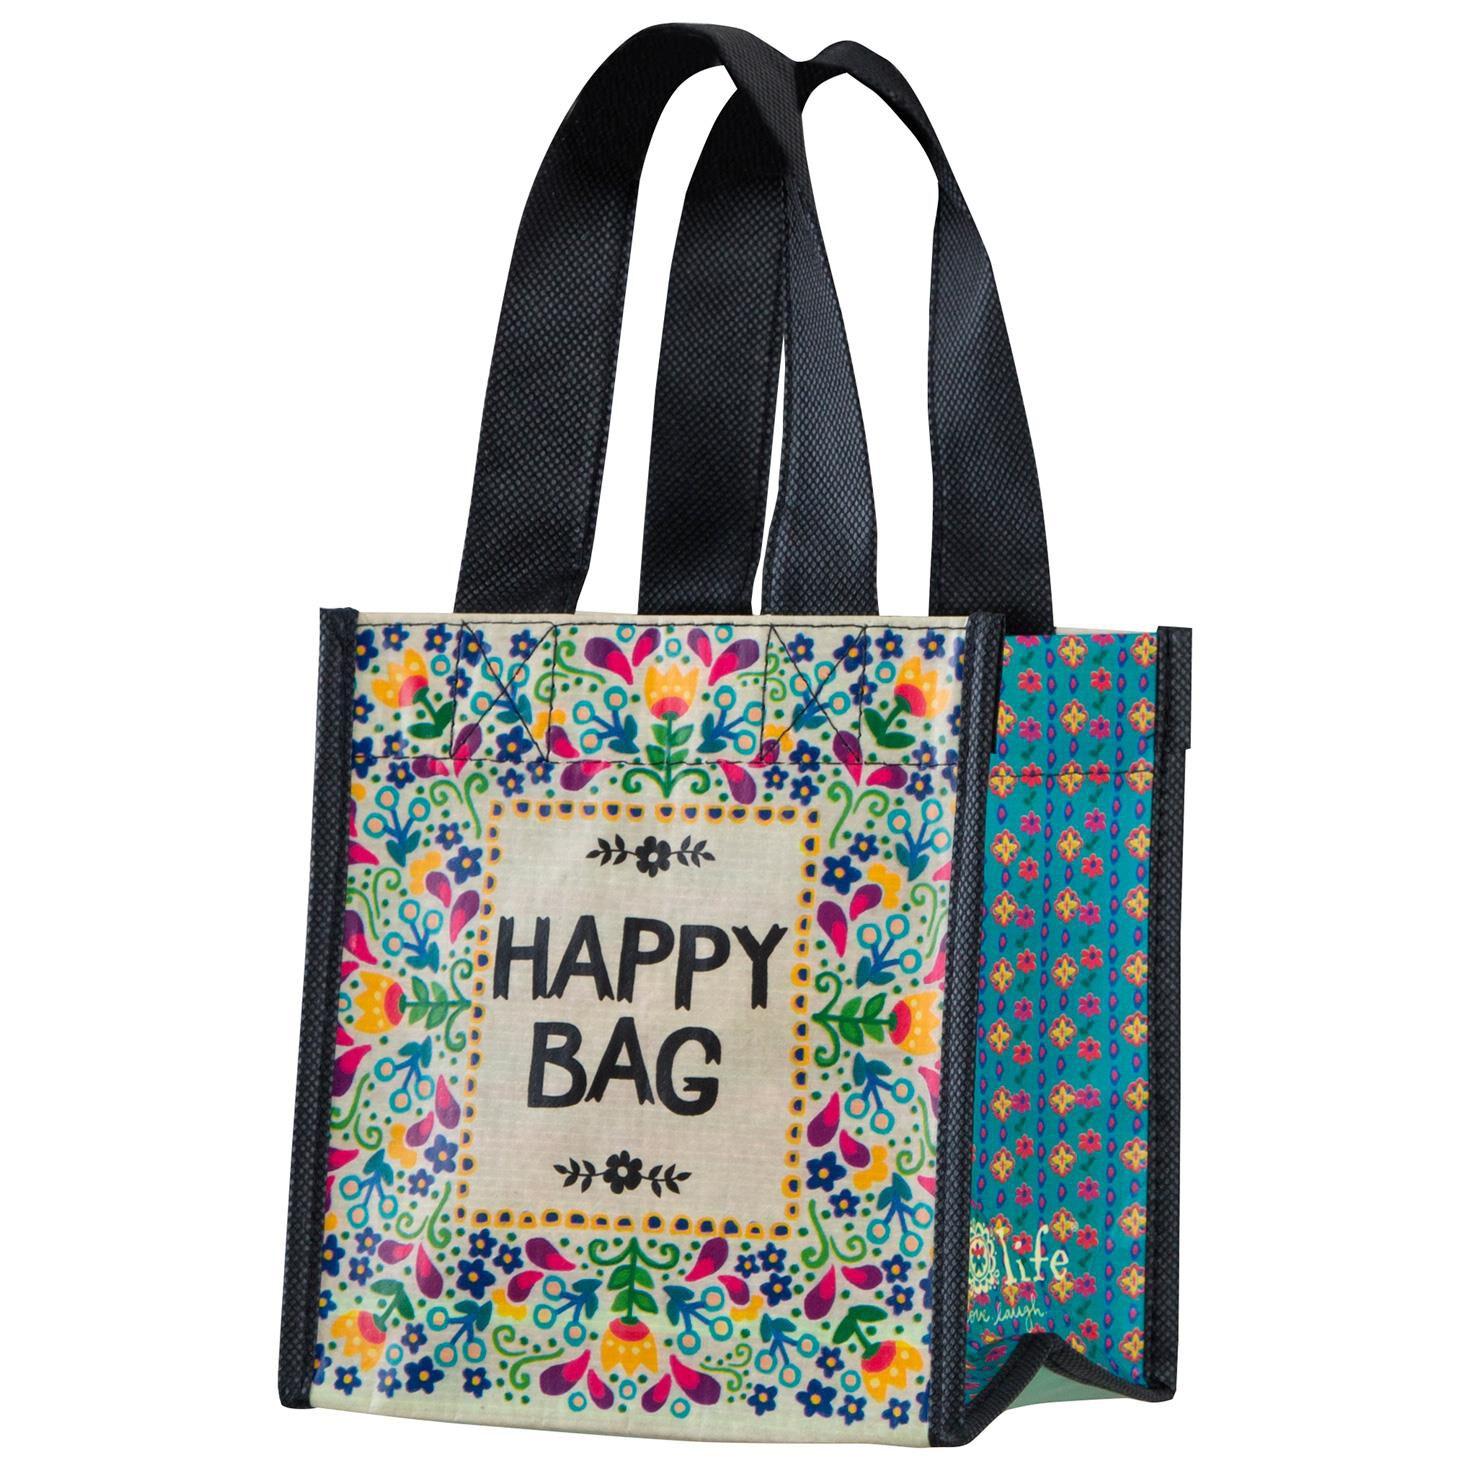 b9be98902e Natural-Life-Happy-Bag-Small-Reusable-Gift-Bag-root-GBAG060_GBAG060_1470_1.jpg_Source_Image.jpg